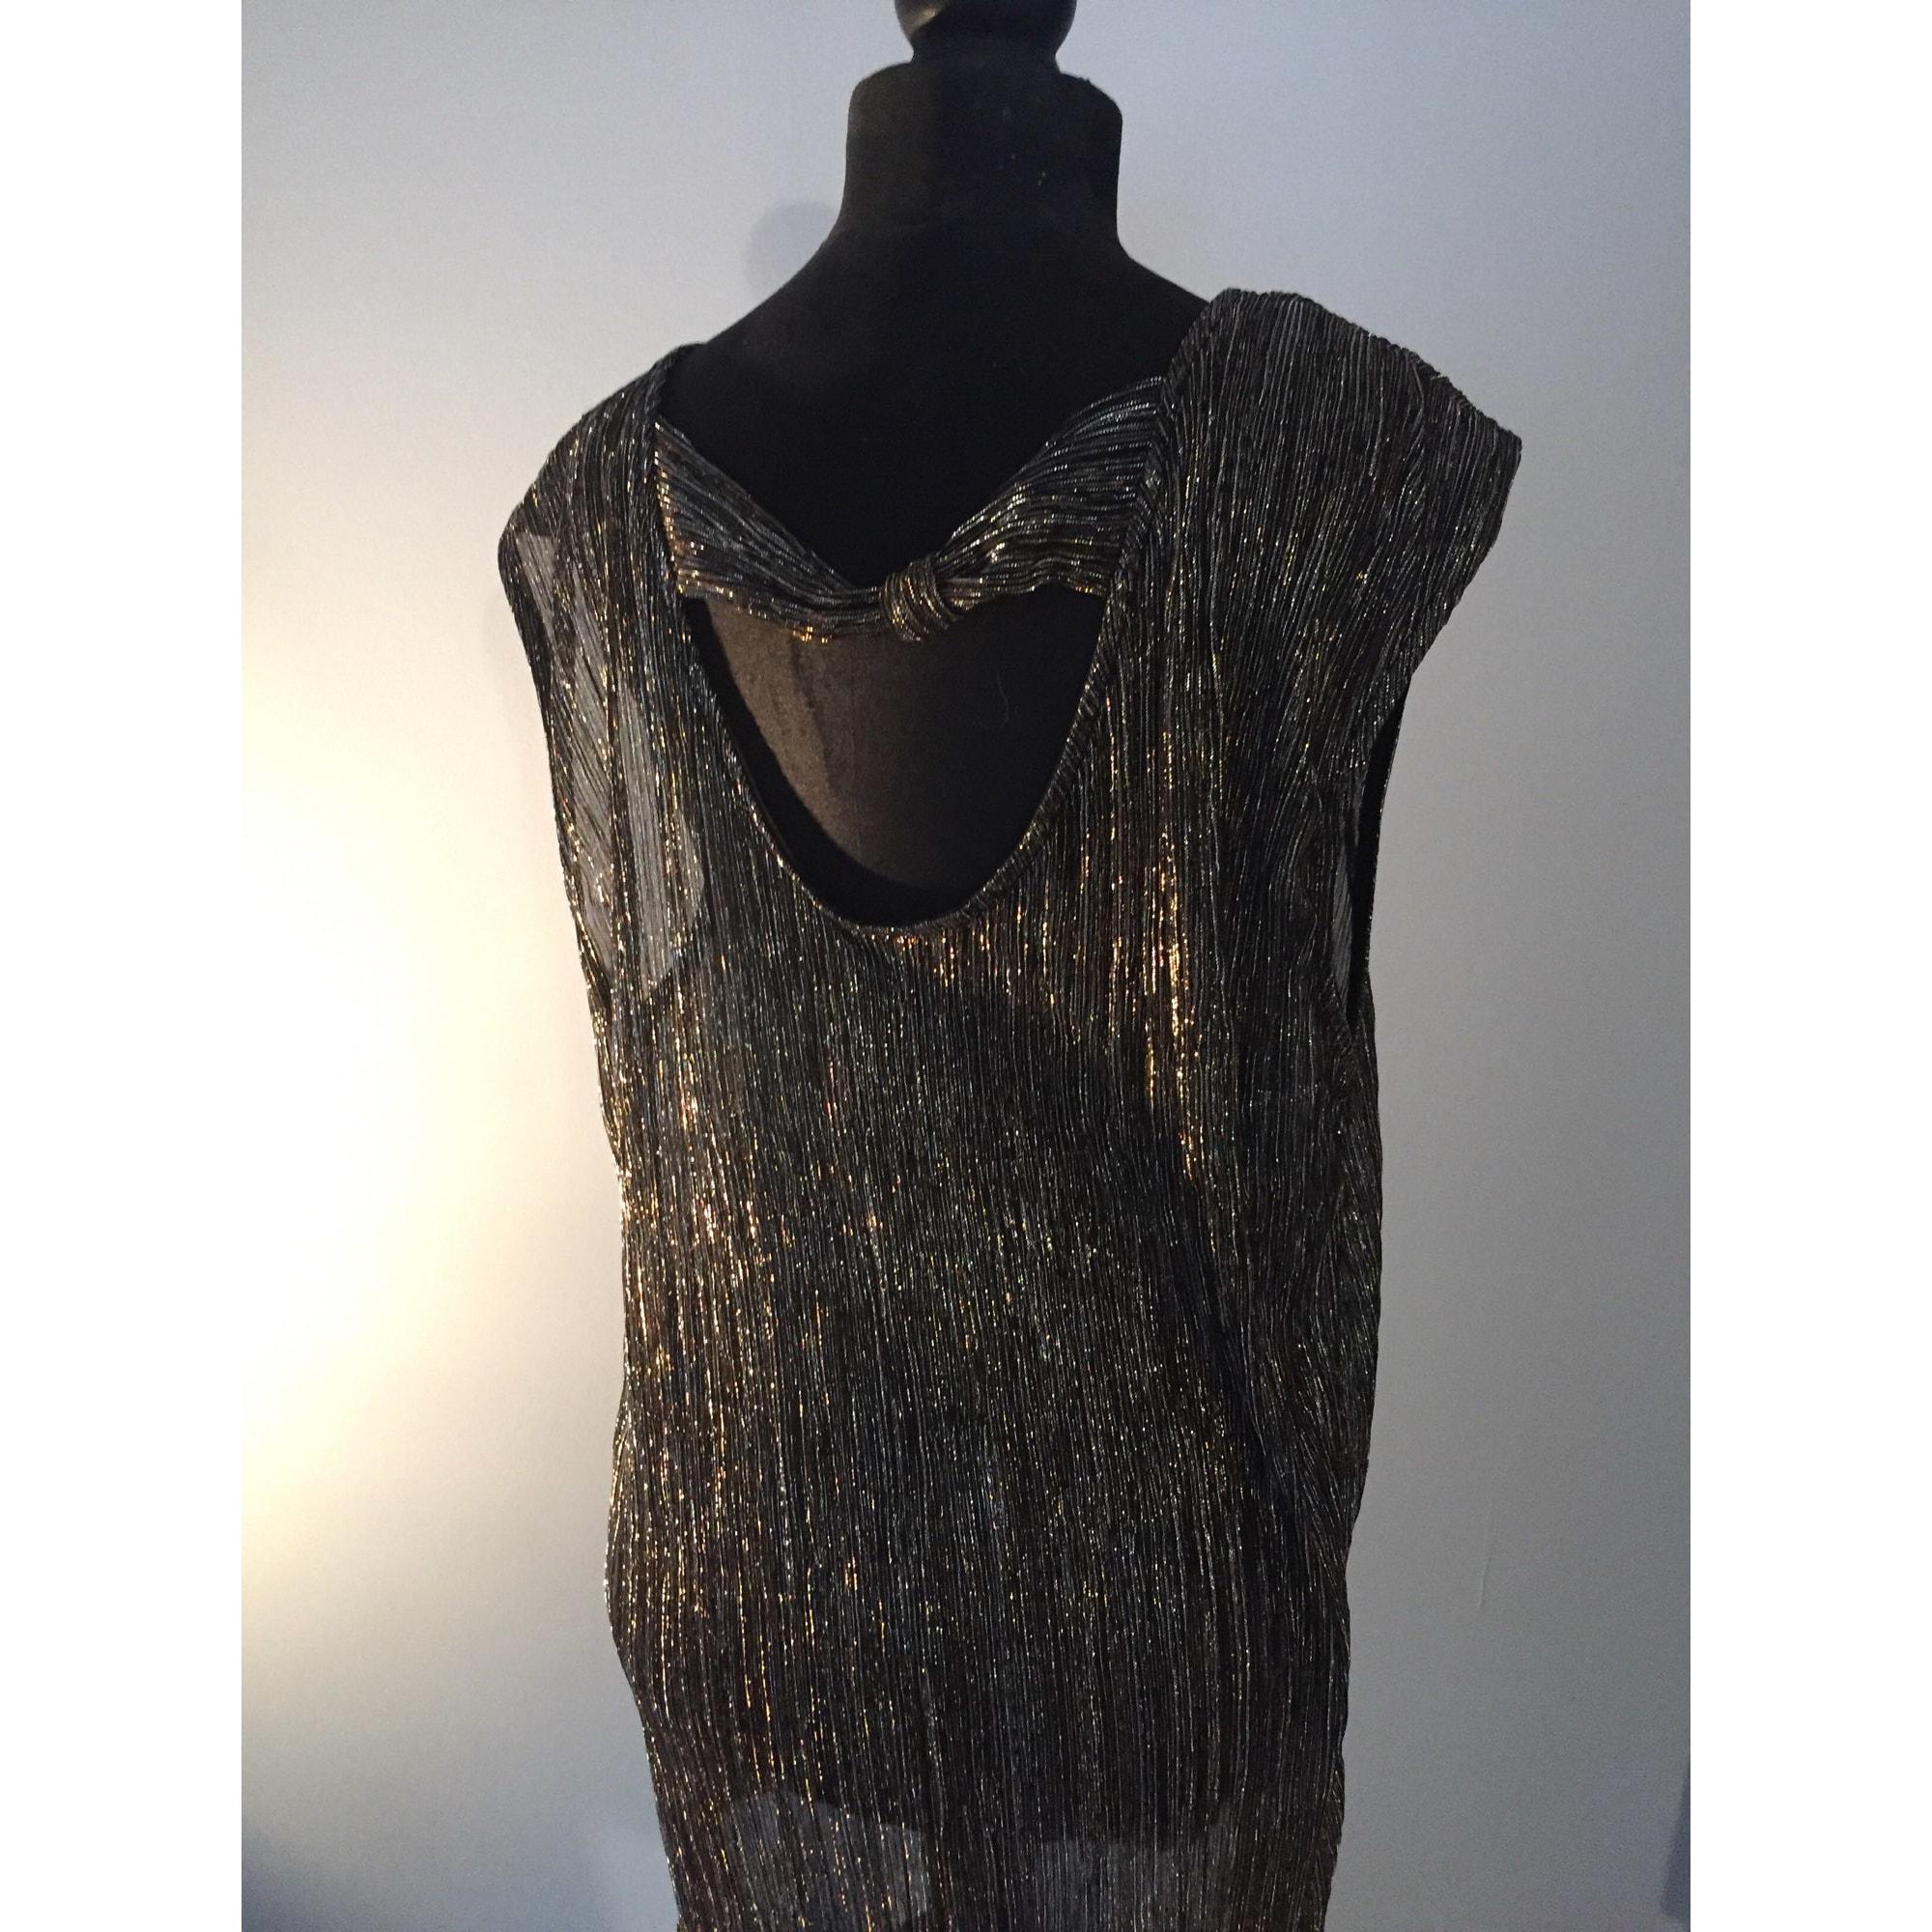 Top, tee-shirt MARQUE INCONNUE Doré, bronze, cuivre